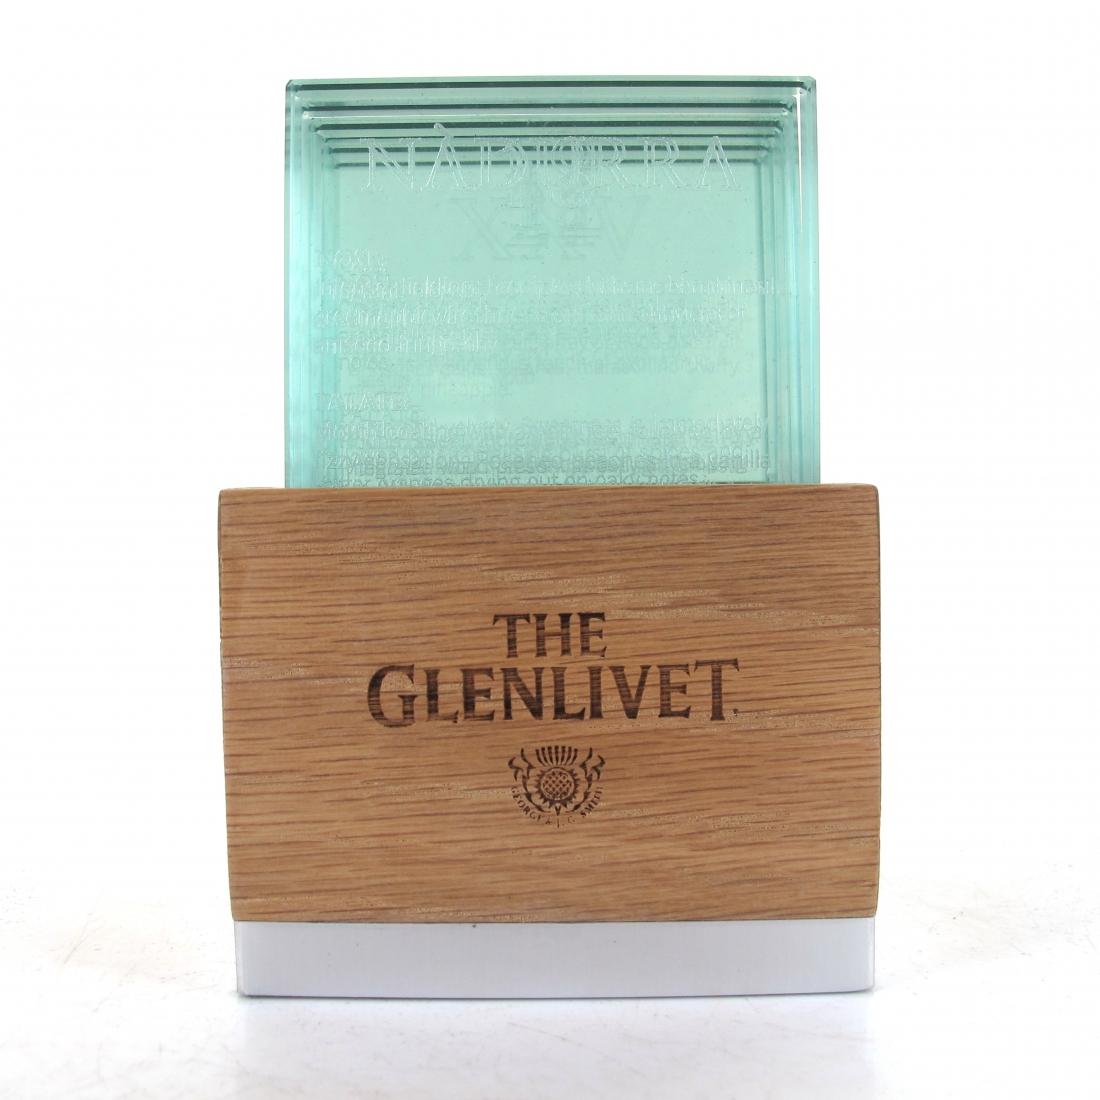 Glenlivet Illuminating Plinth